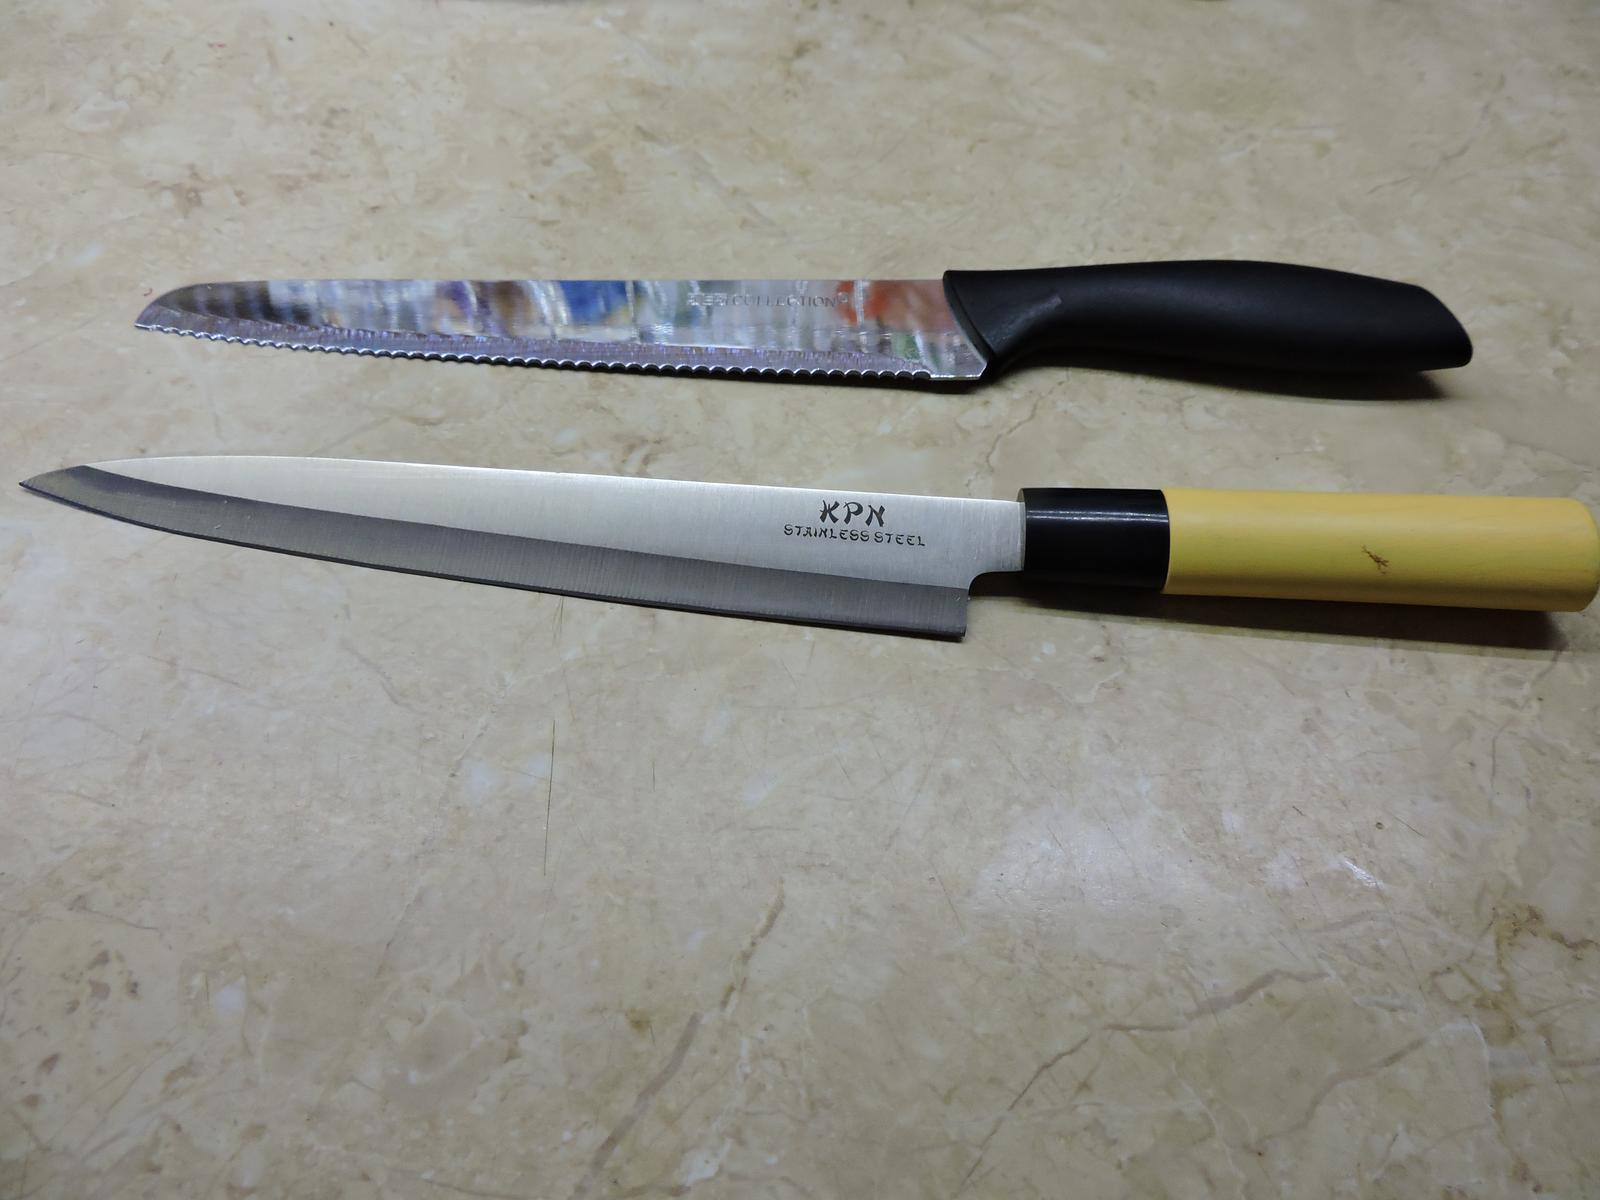 nože z nerezovej ocele 2 kusy - Obrázok č. 3